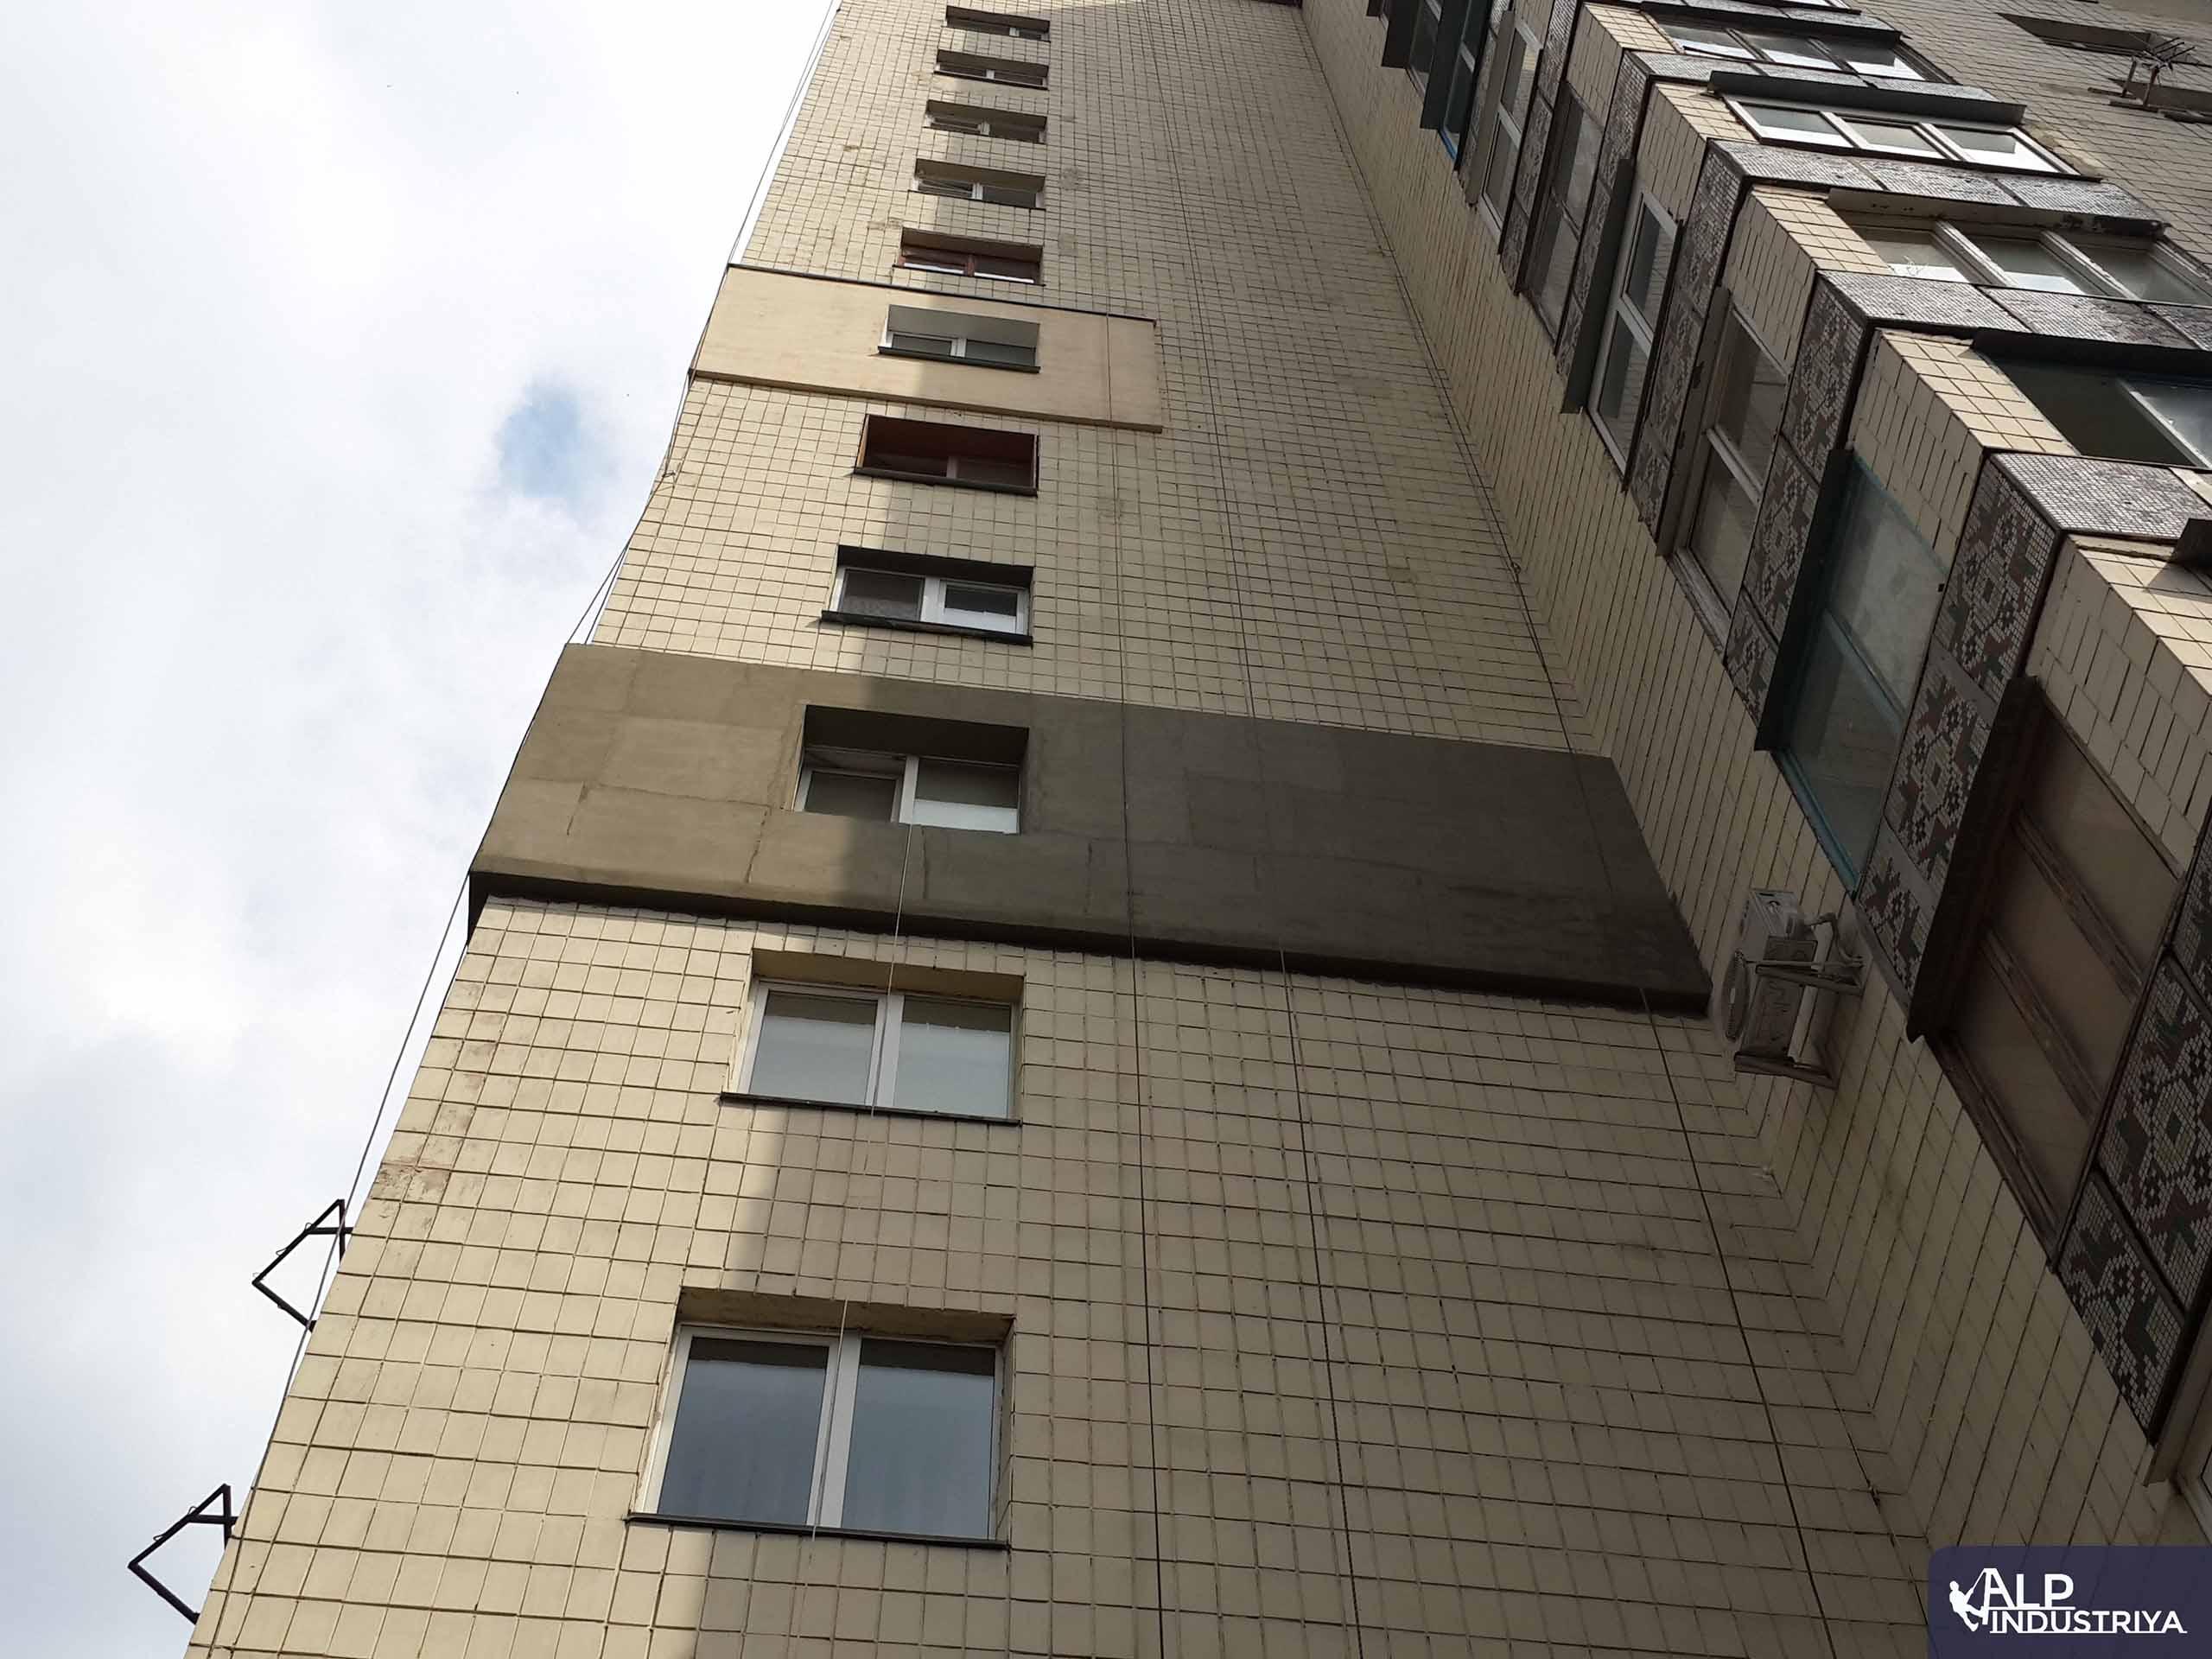 Фасад дома, утепленный альпинистами нашей компании-4